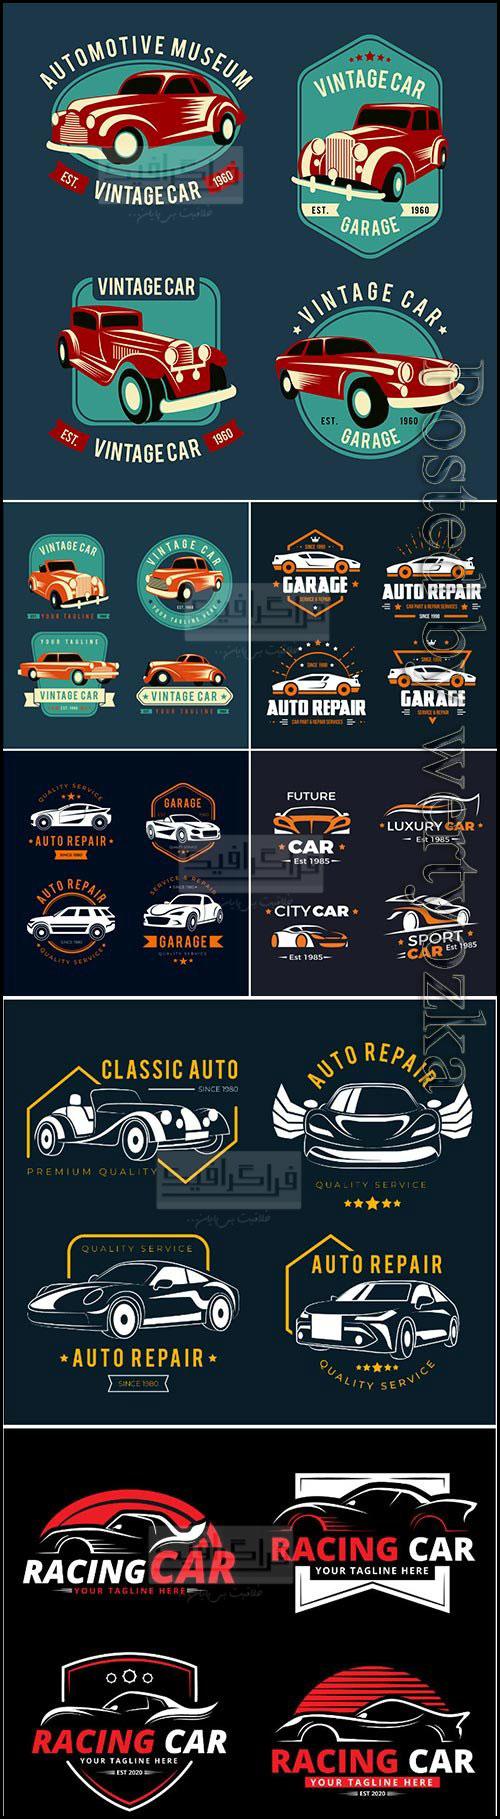 دانلود لوگو های اتومبیل Cars Logos - شماره 2